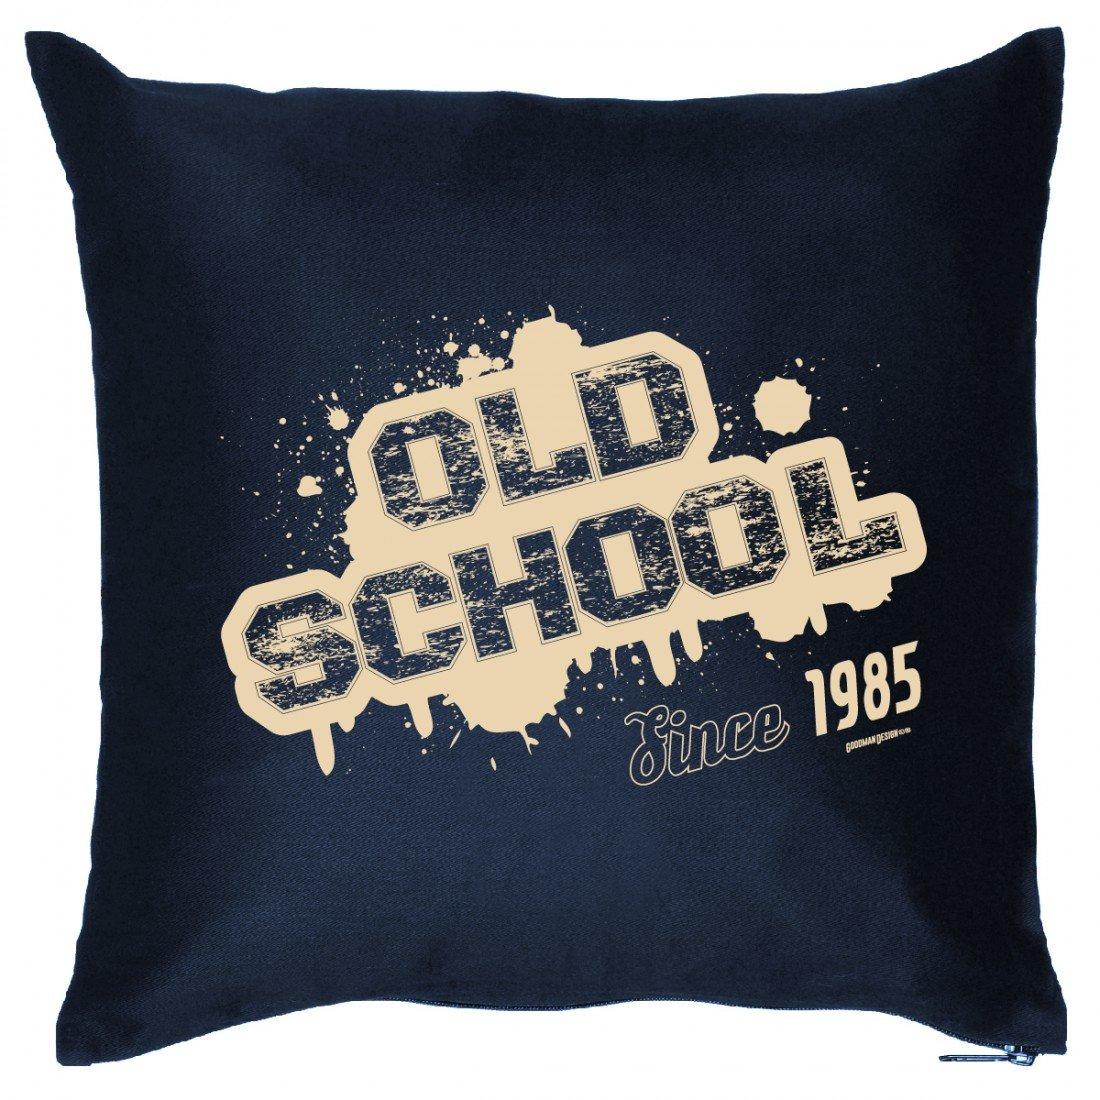 Cooles Couch Kissen mit Jahrgang zum Geburtstag – Old School since 1985 – Sofakissen Wendekissen mit Spruch und Humor bestellen